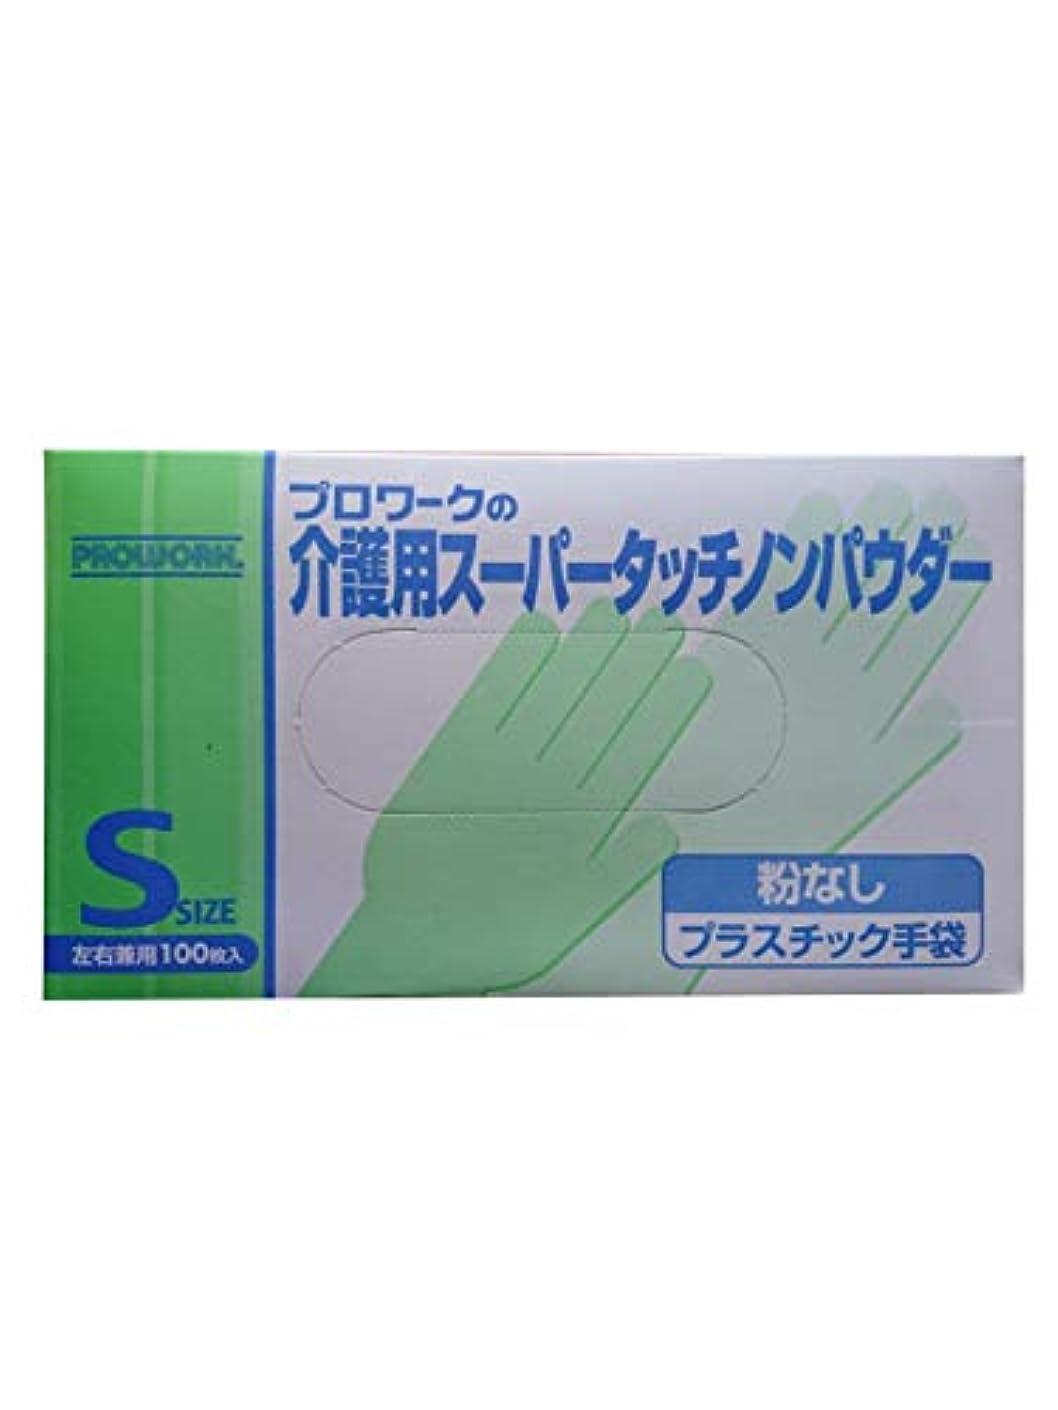 変装した真夜中尾介護用スーパータッチノンパウダー プラスチック手袋 粉なし Sサイズ 左右兼用100枚入